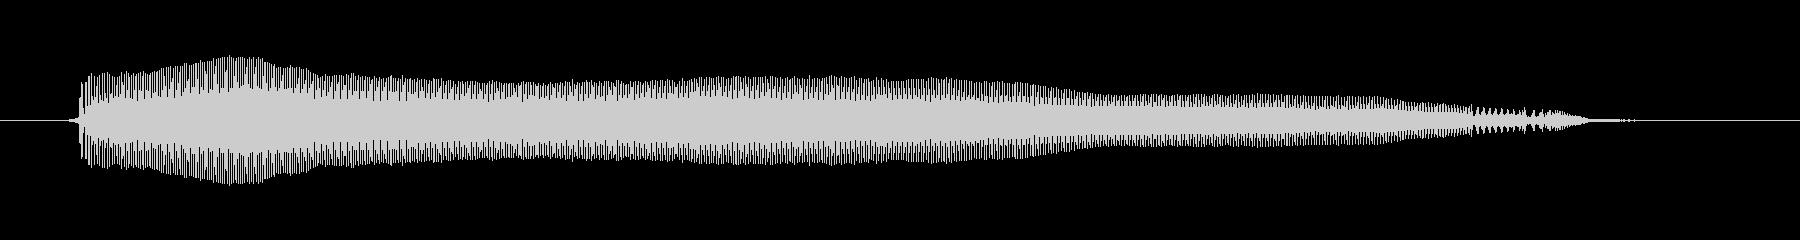 若い子の男性:うめき声の未再生の波形